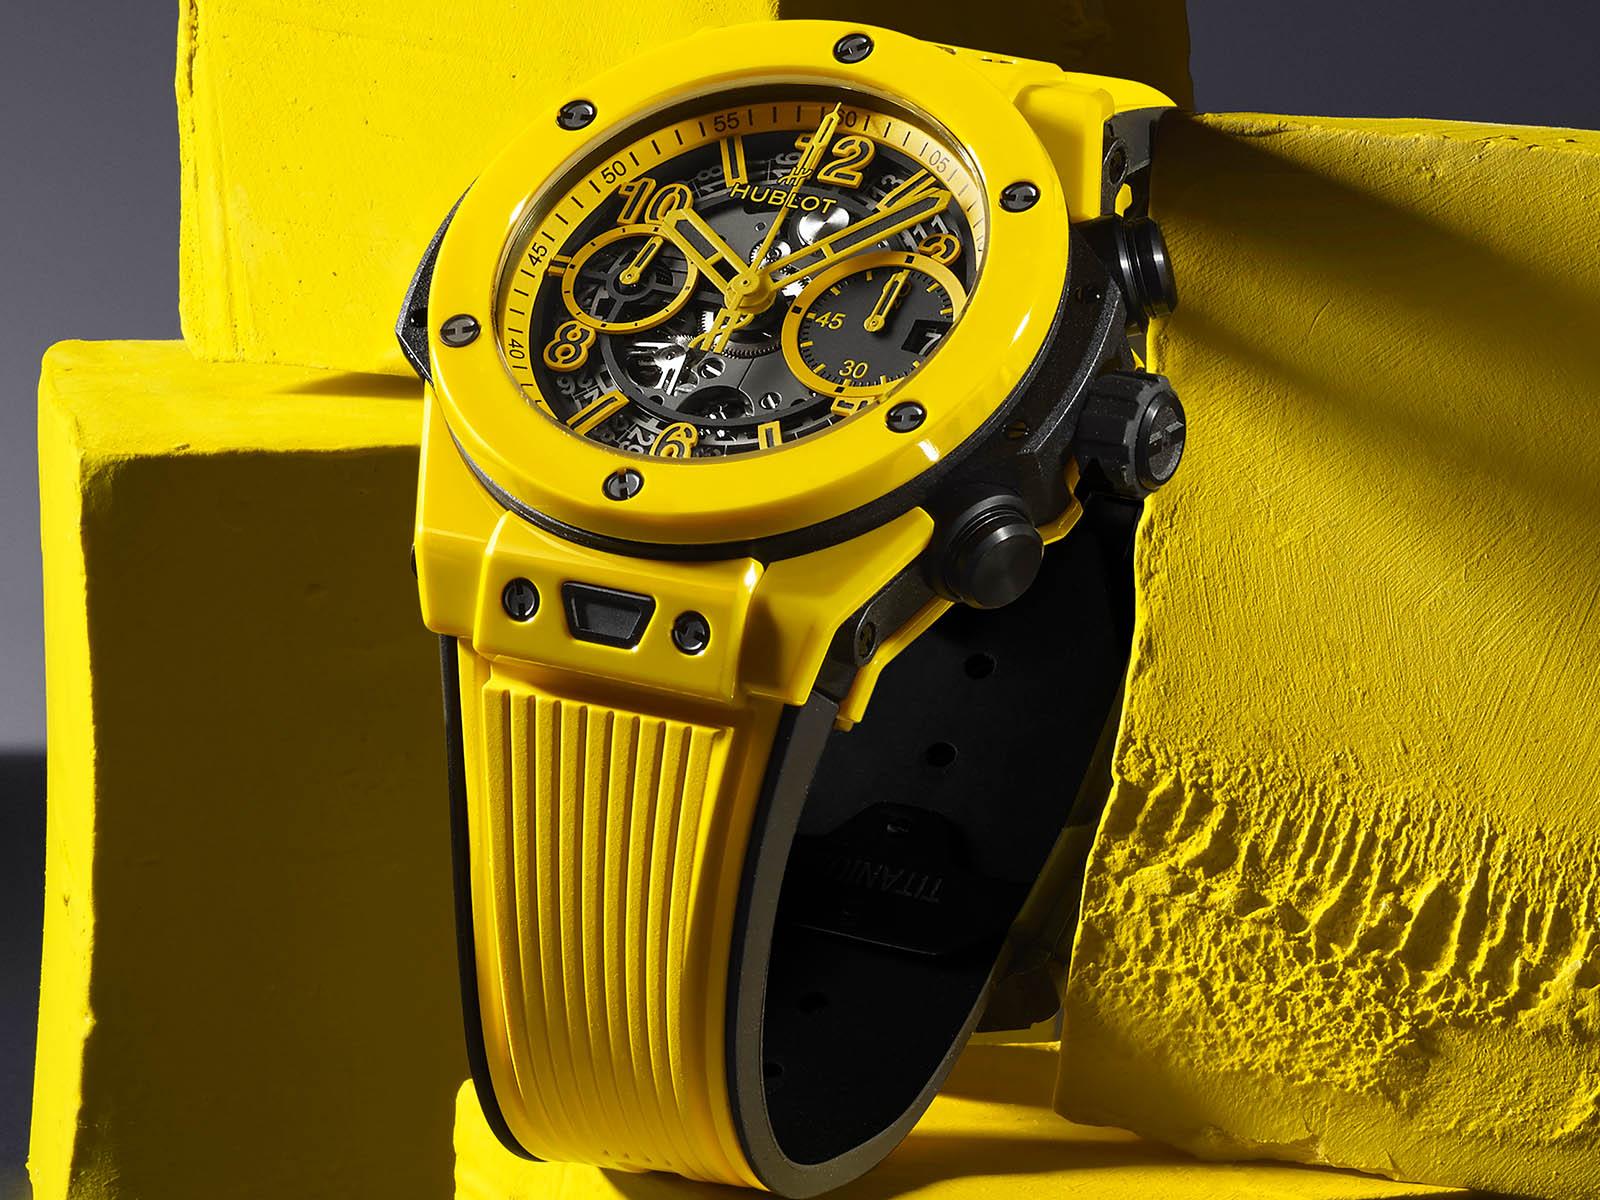 441-cy-471y-rx-hublot-big-bang-unico-yellow-magic-6.jpg